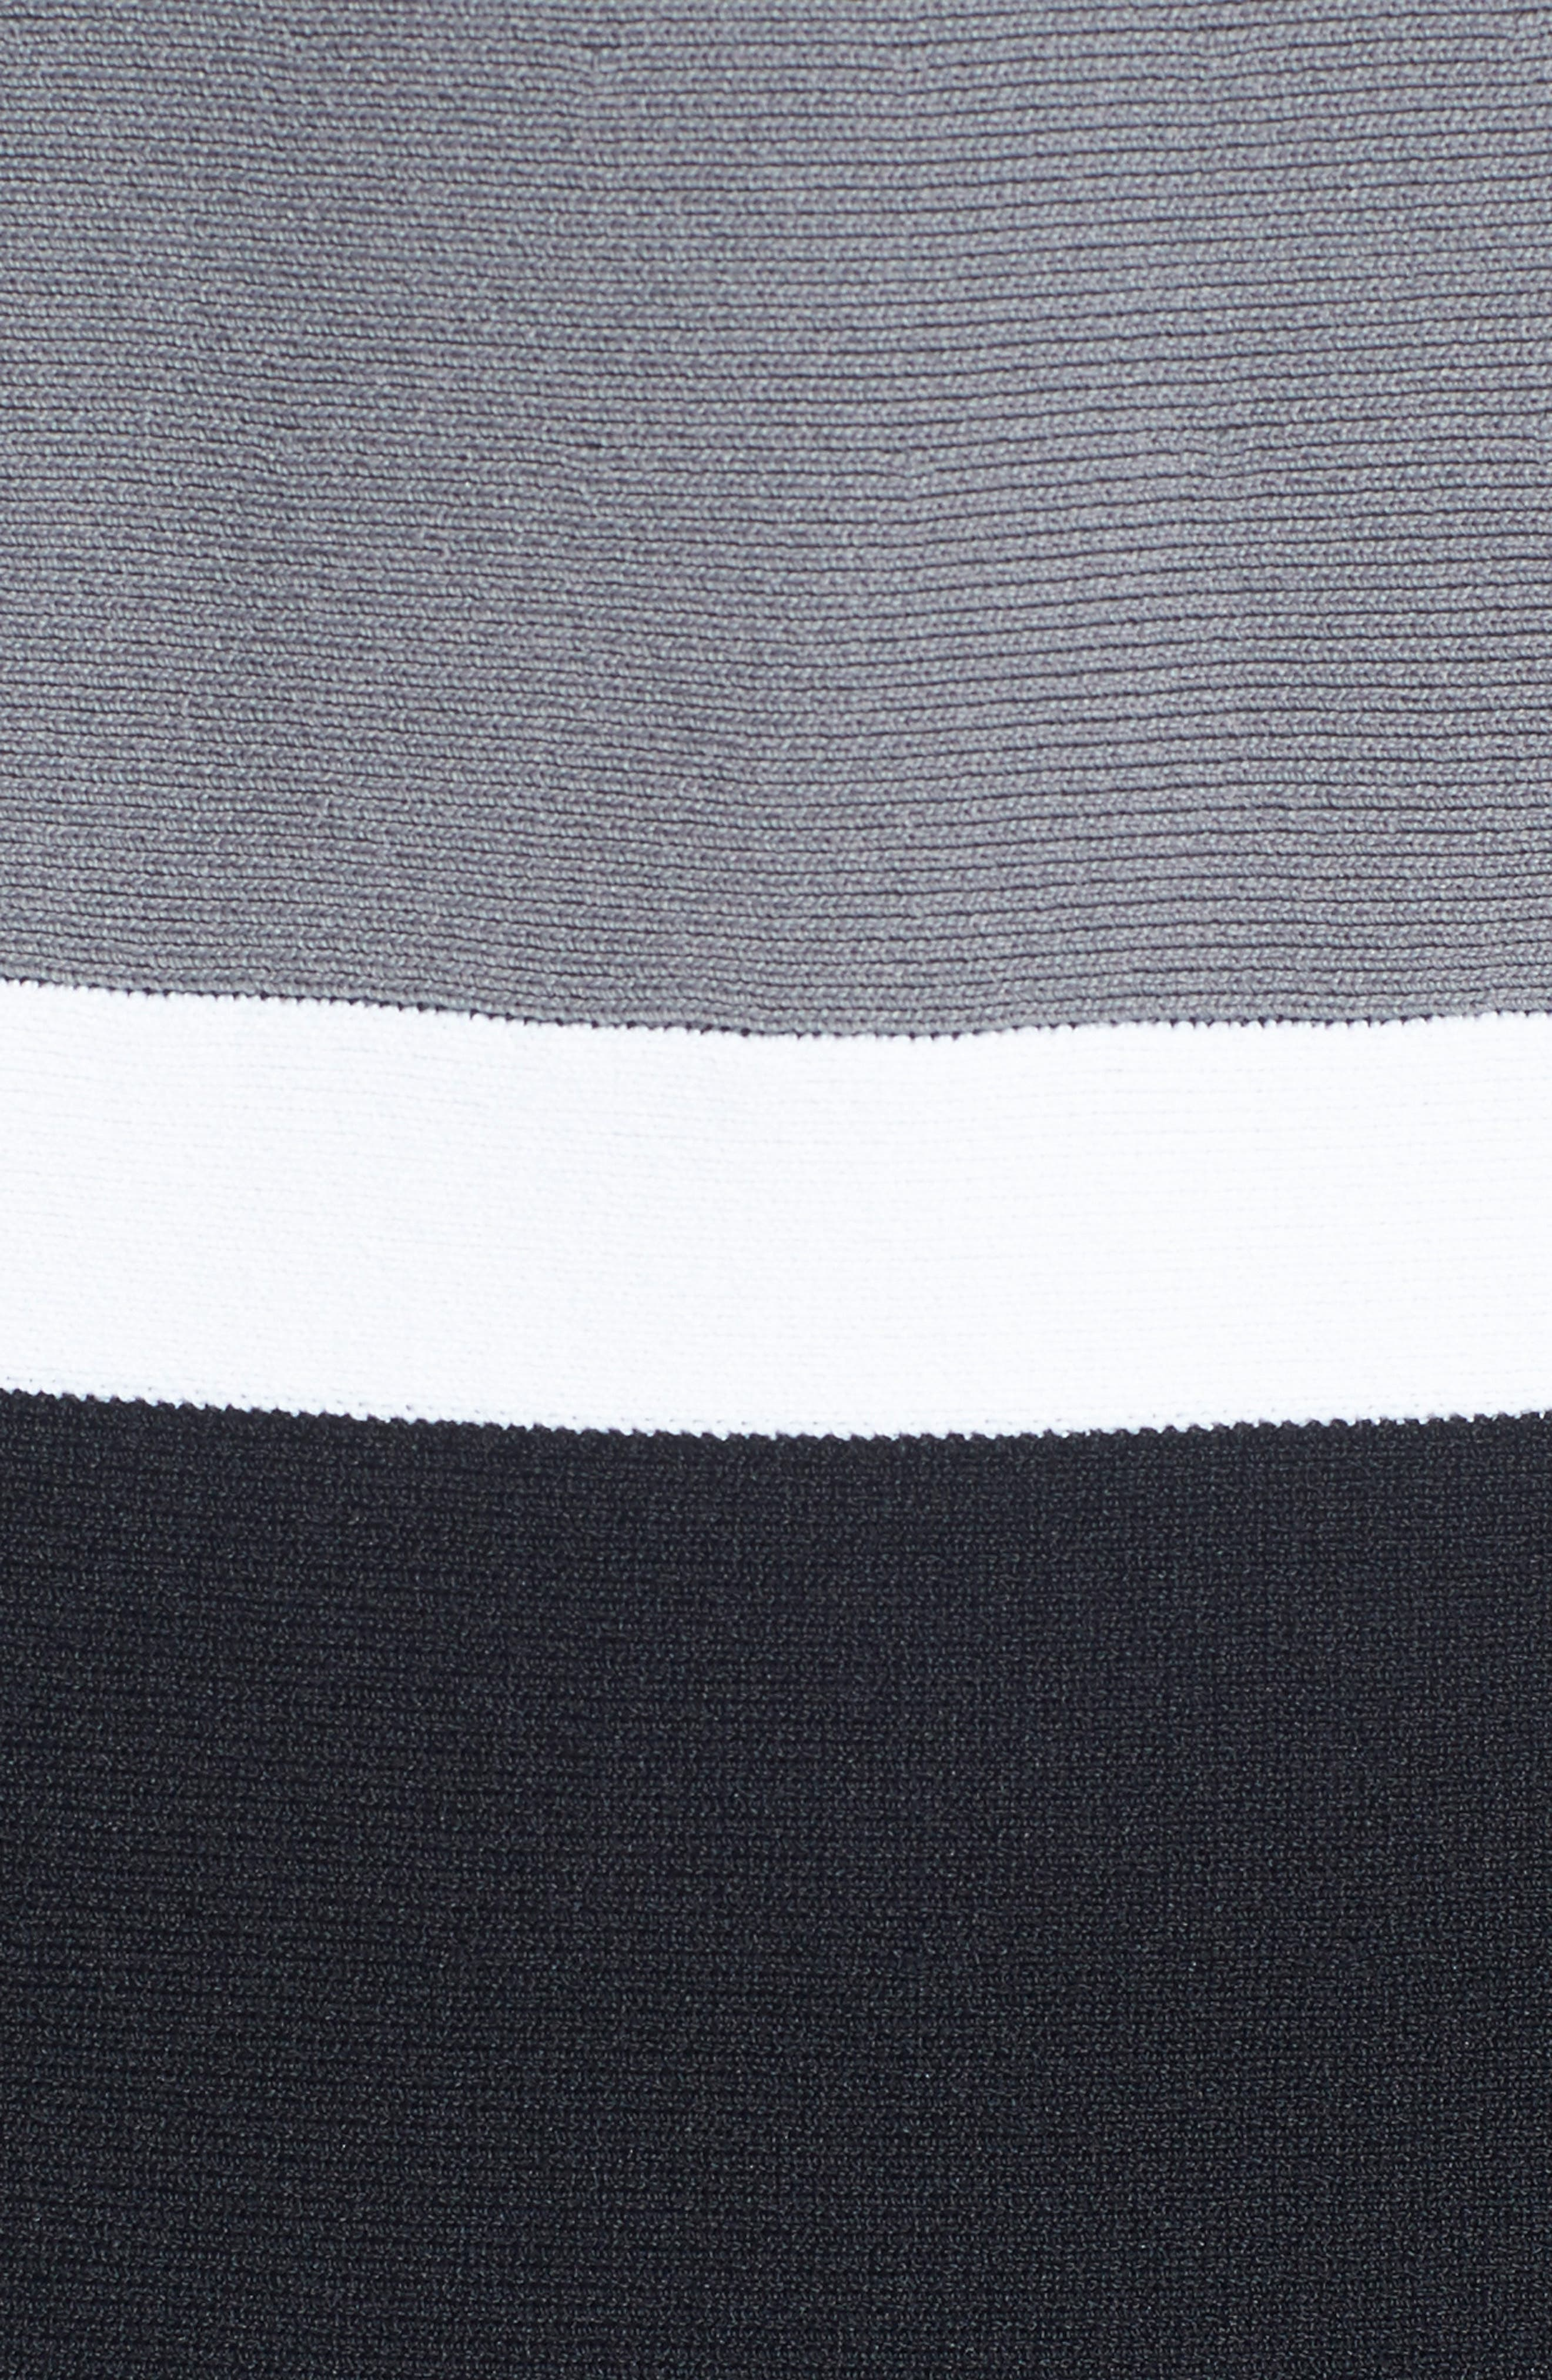 Colorblock A-Line Knit Dress,                             Alternate thumbnail 7, color,